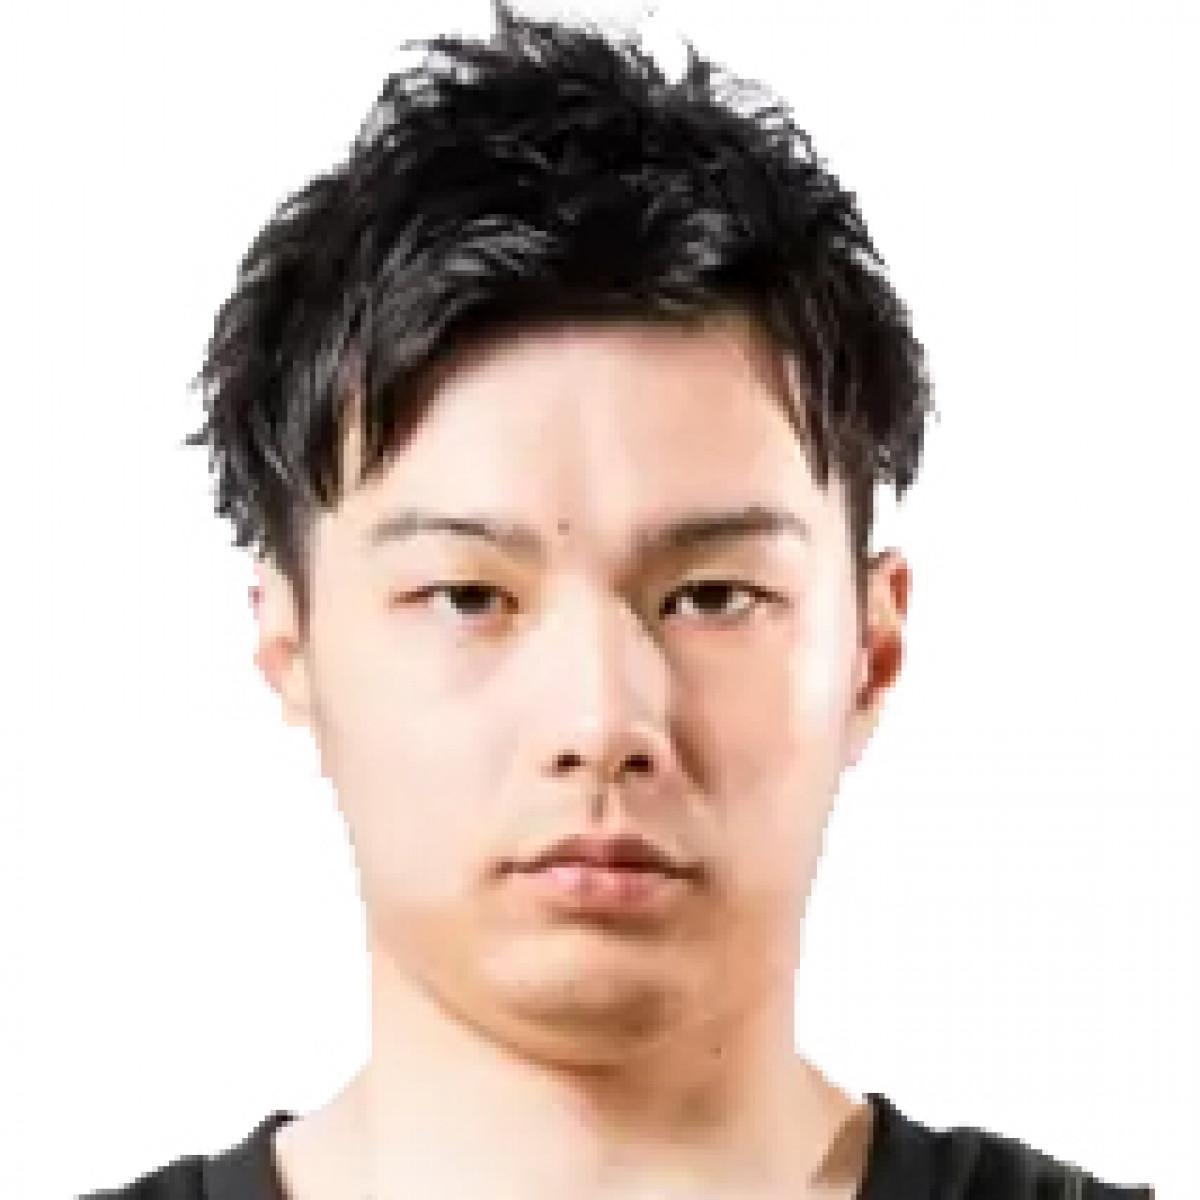 Yuya Satake